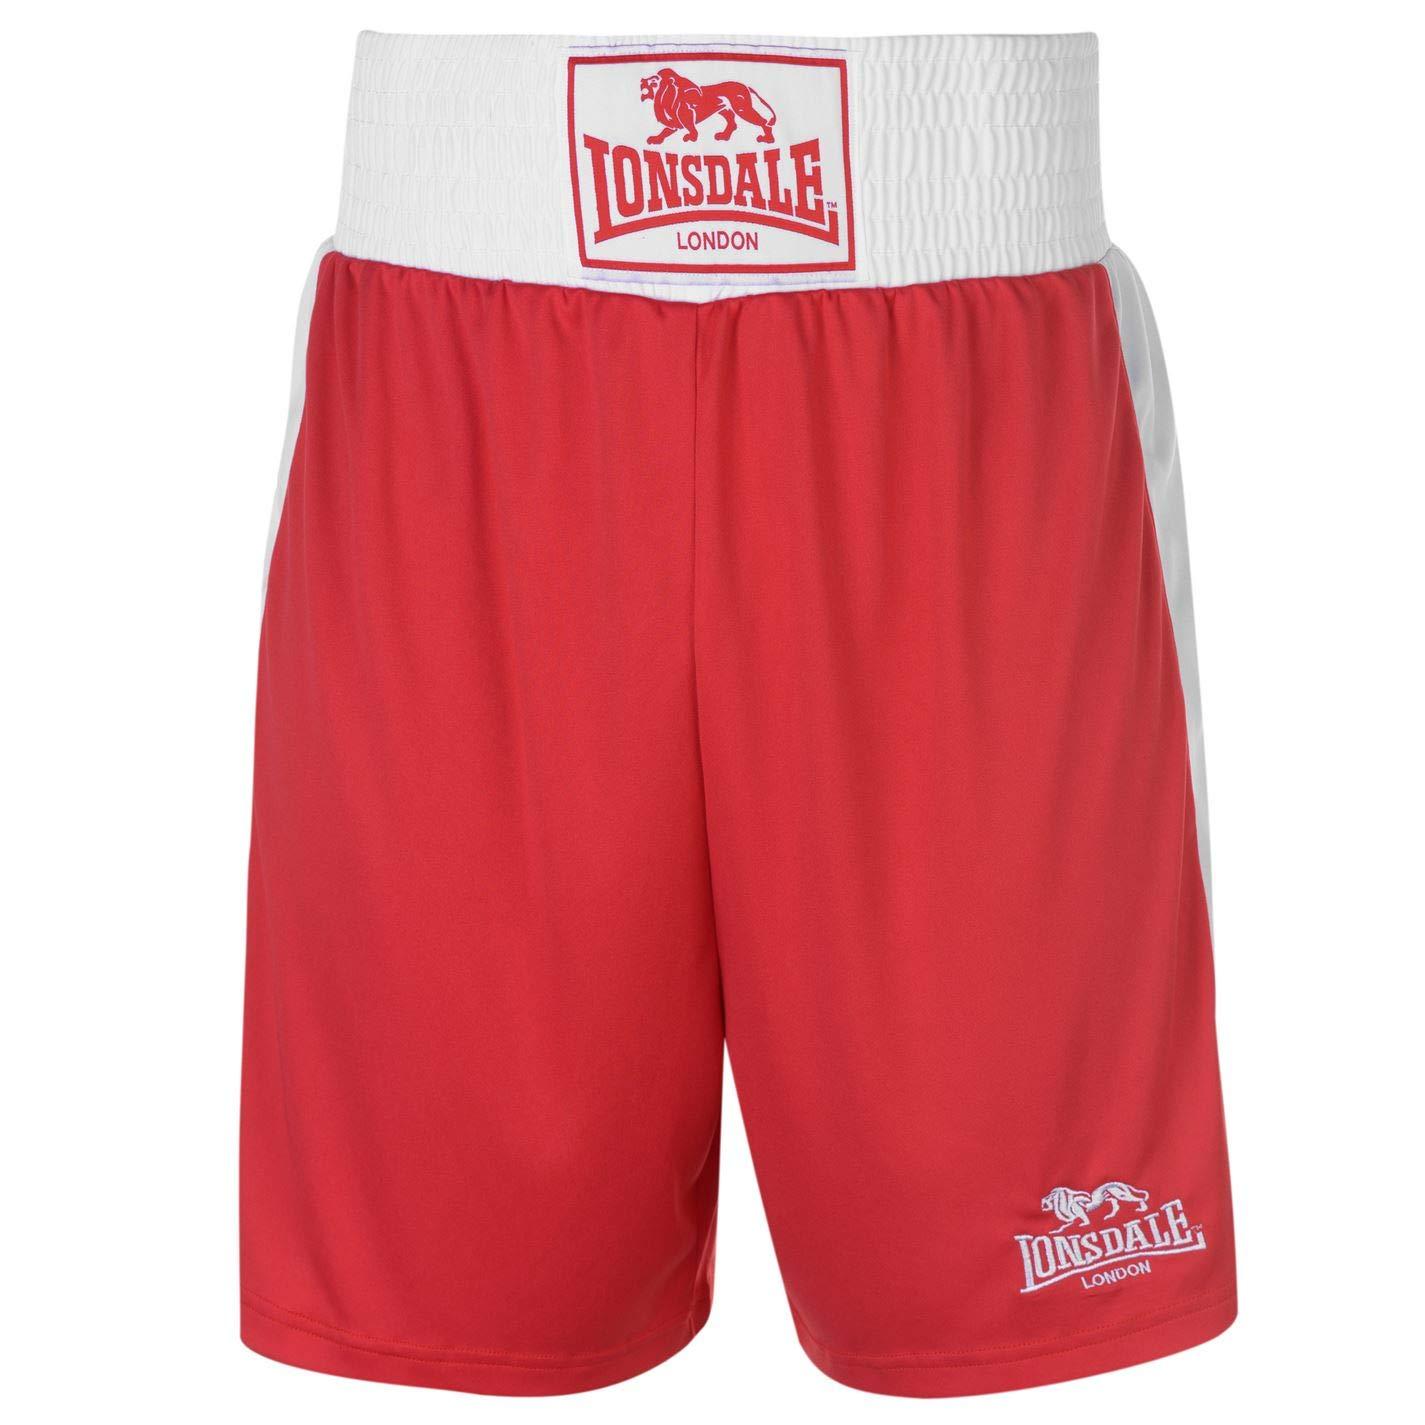 Lonsdale para Hombre Caja Corto Pantalones de Boxeo de Entrenamiento Sport Gimnasio Wear Rojo Large